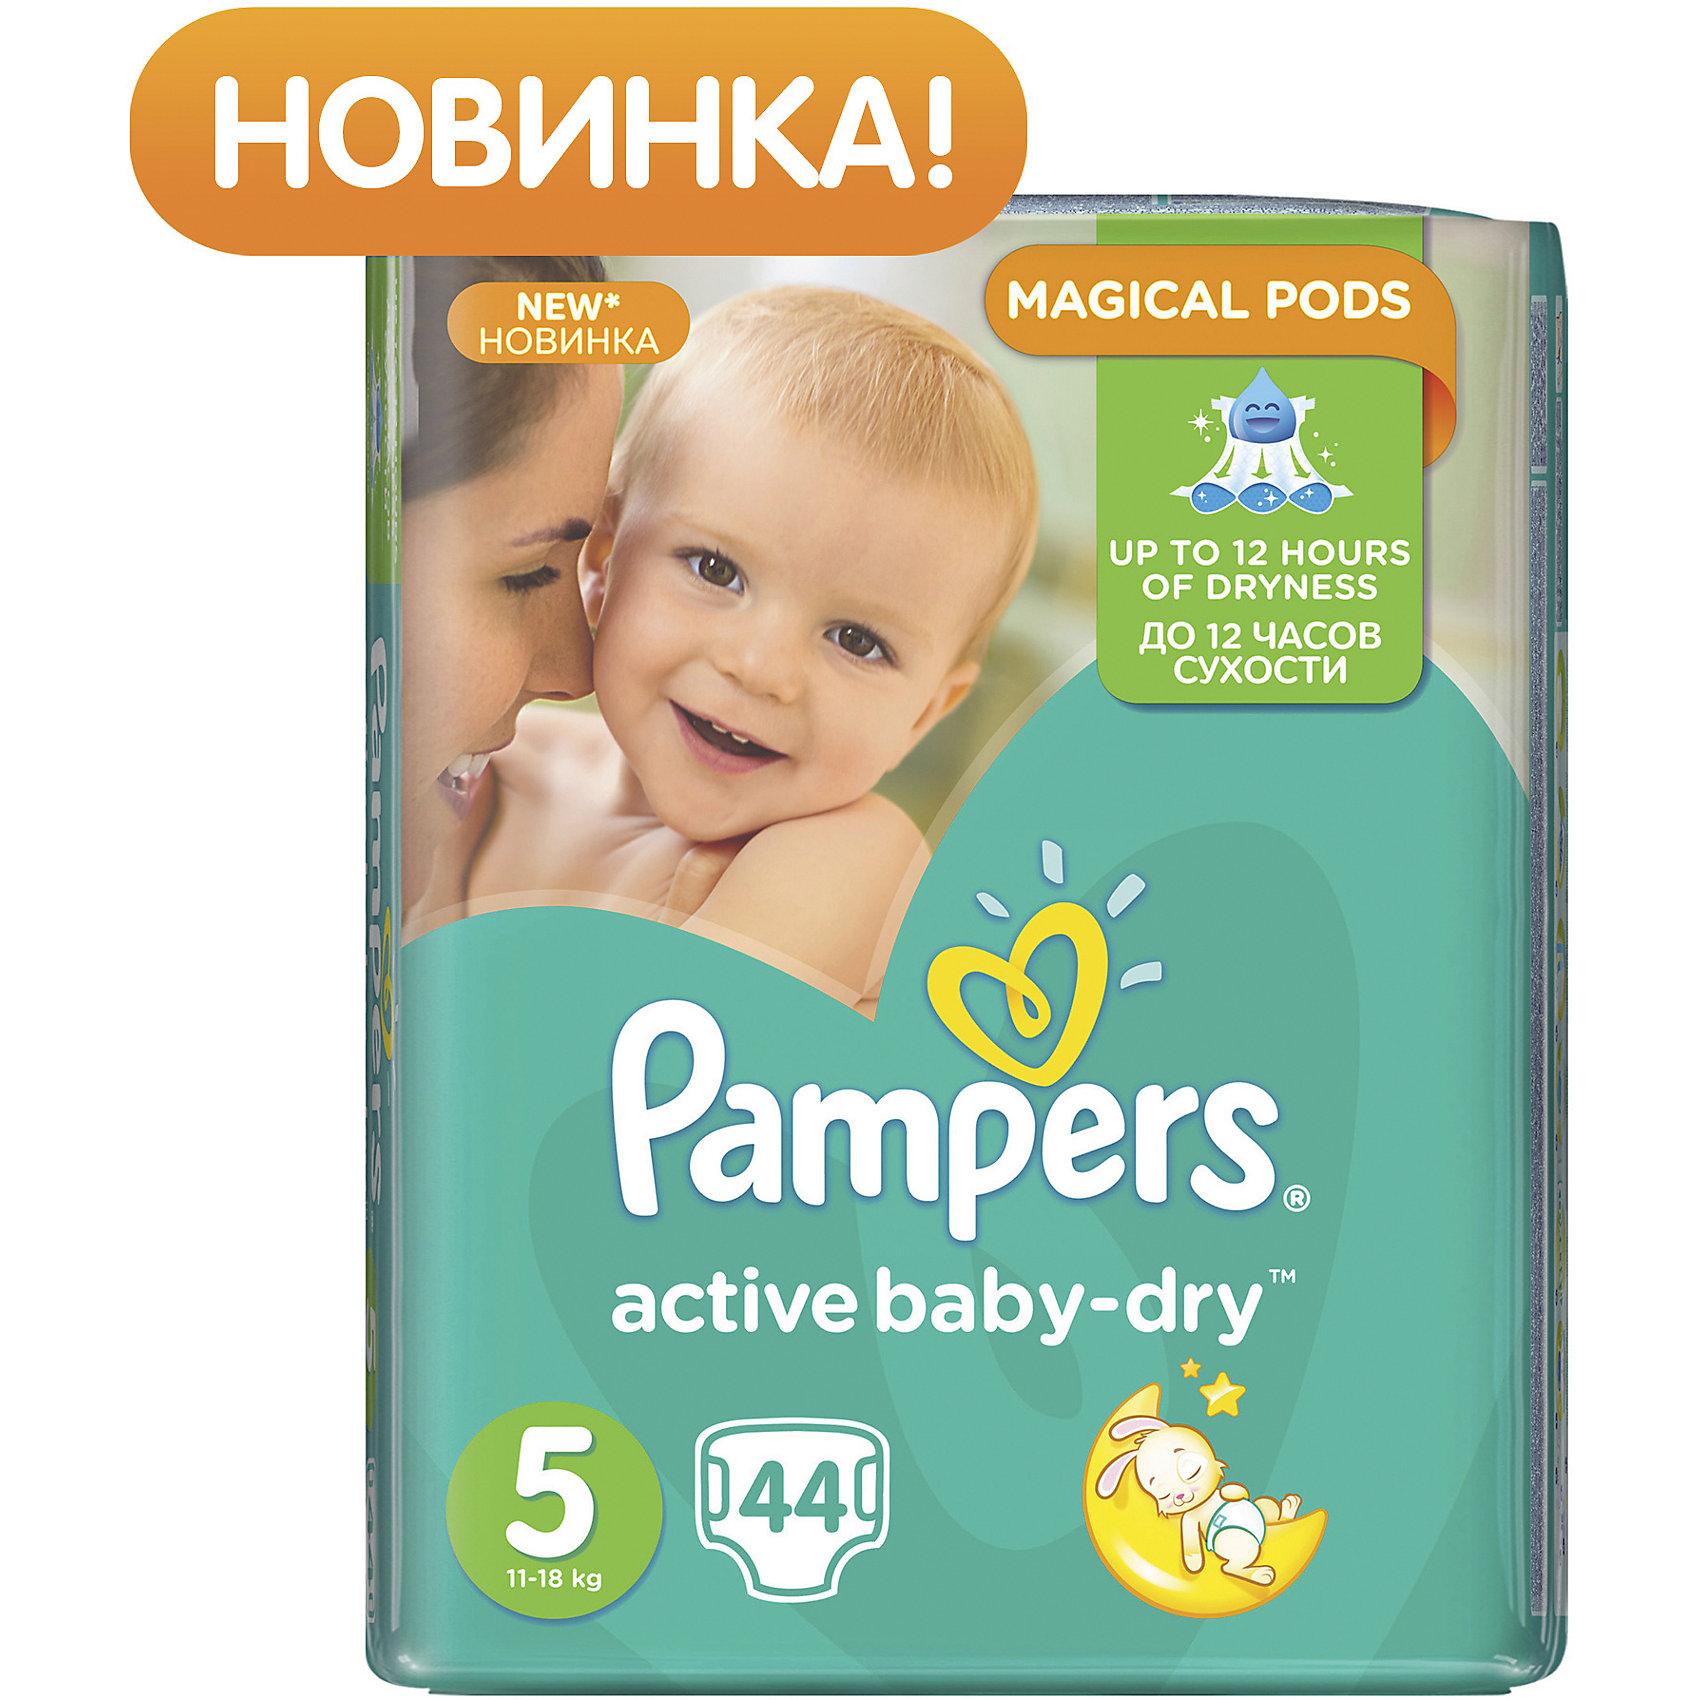 Подгузники Pampers Active Baby-Dry, 11-18 кг, 5 размер, 44 шт., PampersХарактеристики:<br><br>• Пол: универсальный<br>• Тип подгузника: одноразовый<br>• Коллекция: Active Baby-Dry<br>• Предназначение: для использования в любое время суток <br>• Размер: 5<br>• Вес ребенка: от 11 до 18 кг<br>• Количество в упаковке: 44 шт.<br>• Упаковка: пакет<br>• Размер упаковки: 36,5*11,8*23,4 см<br>• Вес в упаковке: 1 кг 640 г<br>• Эластичные застежки-липучки<br>• Быстро впитывающий слой<br>• Мягкий верхний слой<br>• Сохранение сухости в течение 12-ти часов<br><br>Подгузники Pampers Active Baby-Dry, 11-18 кг, 5 размер, 44 шт., Pampers – это линейка классических детских подгузников от Pampers, которая сочетает в себе качество и безопасность материалов, удобство использования и комфорт для нежной кожи малыша. Подгузники предназначены для детей весом до 18 кг. Инновационные технологии и современные материалы обеспечивают этим подгузникам Дышащие свойства, что особенно важно для кожи малыша. <br><br>Впитывающие свойства изделию обеспечивает уникальный слой, состоящий из жемчужных микрогранул. У подгузников предусмотрена эластичная мягкая резиночка на спинке. Широкие липучки с двух сторон обеспечивают надежную фиксацию. Подгузник имеет мягкий верхний слой, который обеспечивает не только комфорт, но и защищает кожу ребенка от раздражений. Подгузник подходит как для мальчиков, так и для девочек. <br><br>Подгузники Pampers Active Baby-Dry, 11-18 кг, 5 размер, 44 шт., Pampers можно купить в нашем интернет-магазине.<br><br>Ширина мм: 365<br>Глубина мм: 118<br>Высота мм: 234<br>Вес г: 164<br>Возраст от месяцев: 12<br>Возраст до месяцев: 36<br>Пол: Унисекс<br>Возраст: Детский<br>SKU: 5419076